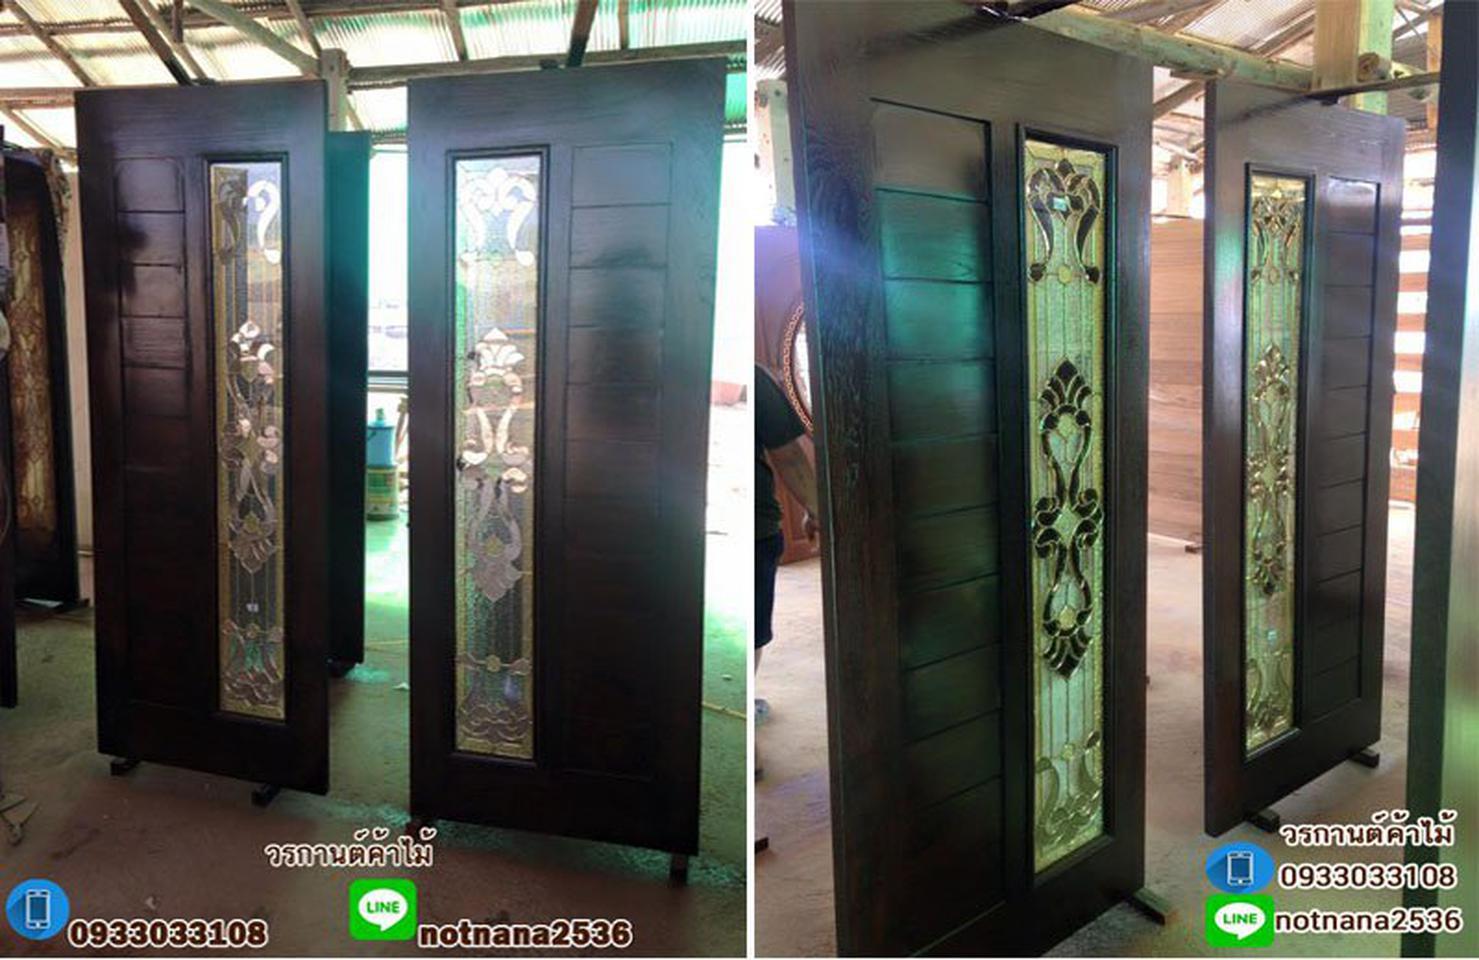 ร้านวรกานต์ค้าไม้ จำหน่าย ประตูไม้สักบานคู่ ประตูไม้สักบานเดี่ยว ประตูไม้สักกระจกนิรภัย ประตูโมเดิร์น รูปที่ 1